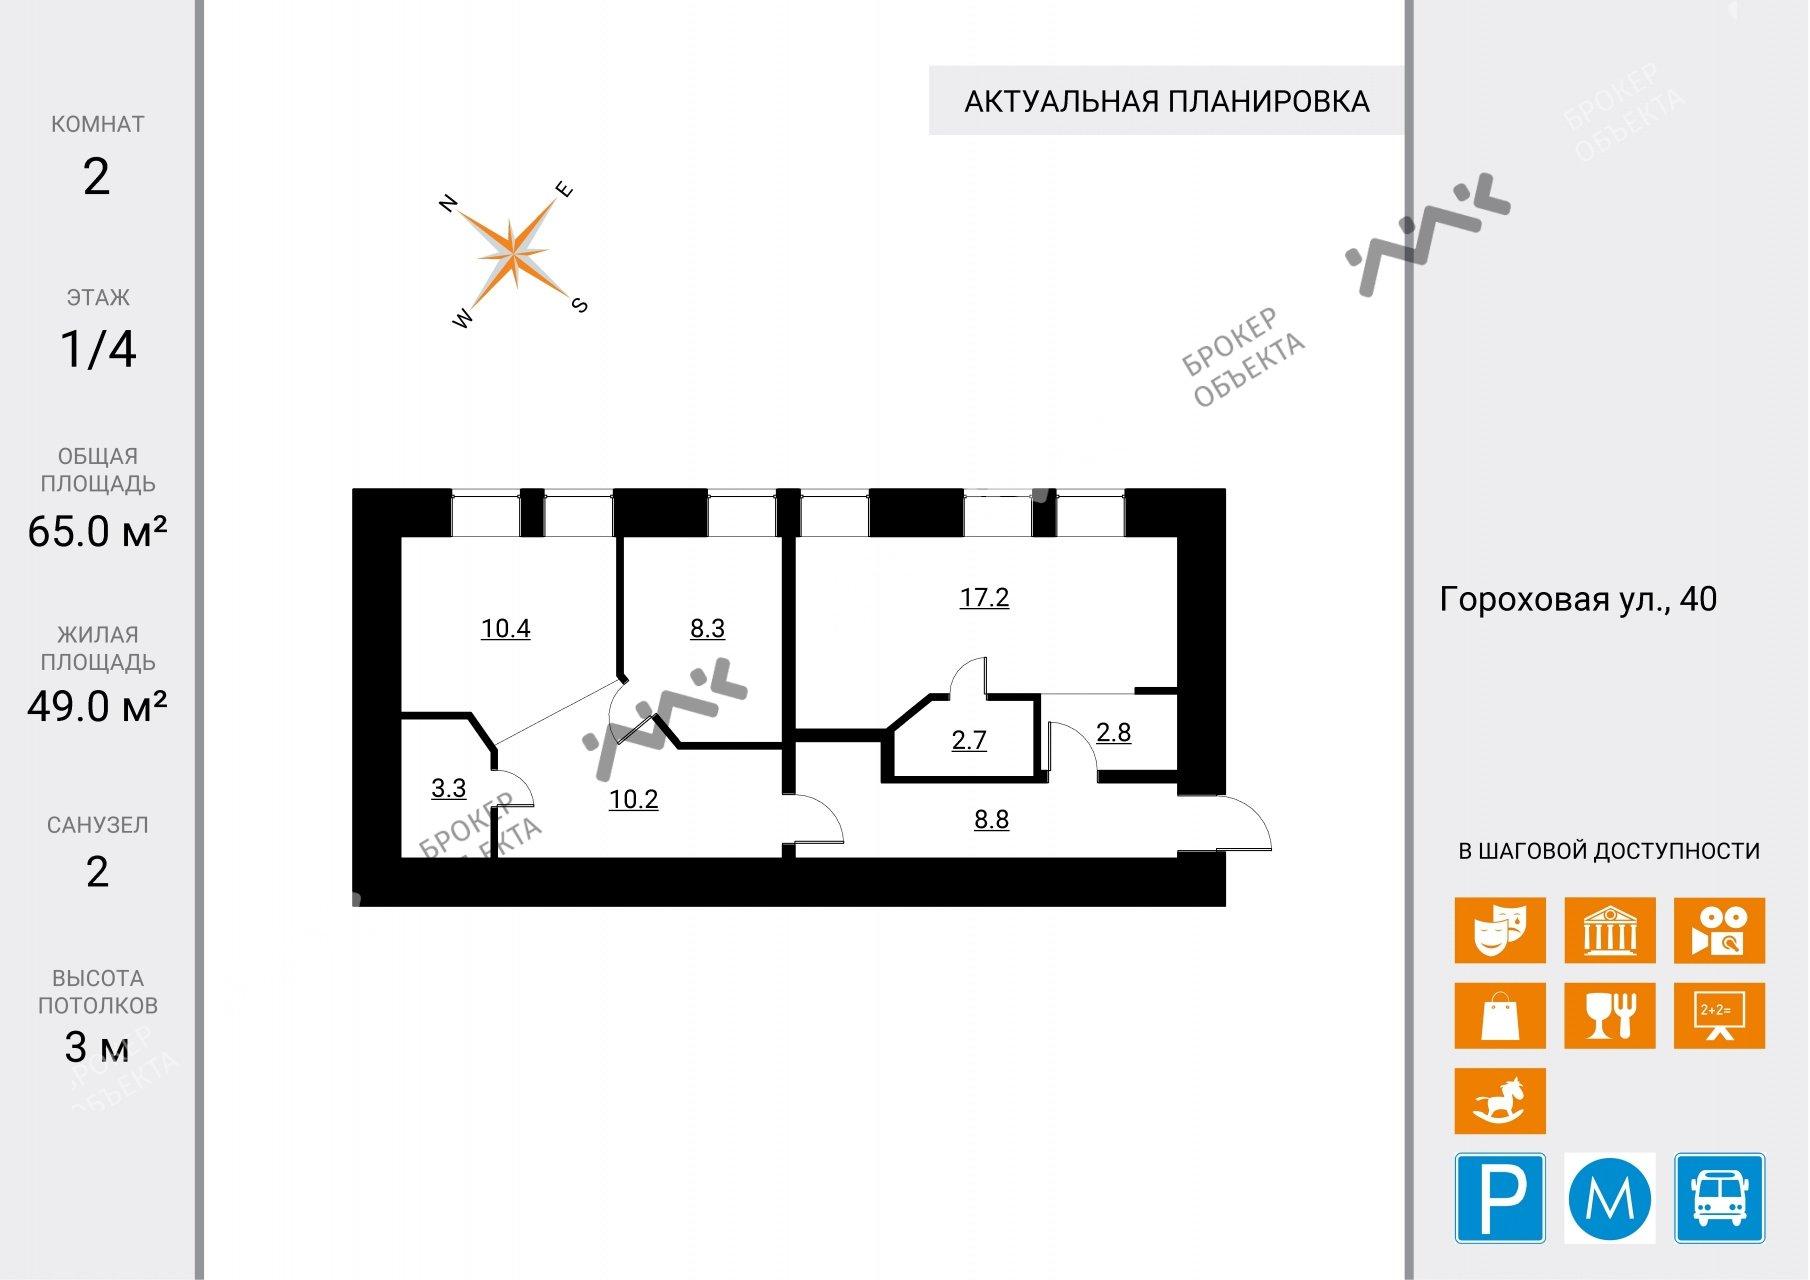 Планировка Гороховая ул., д.40. Лот № 7705553